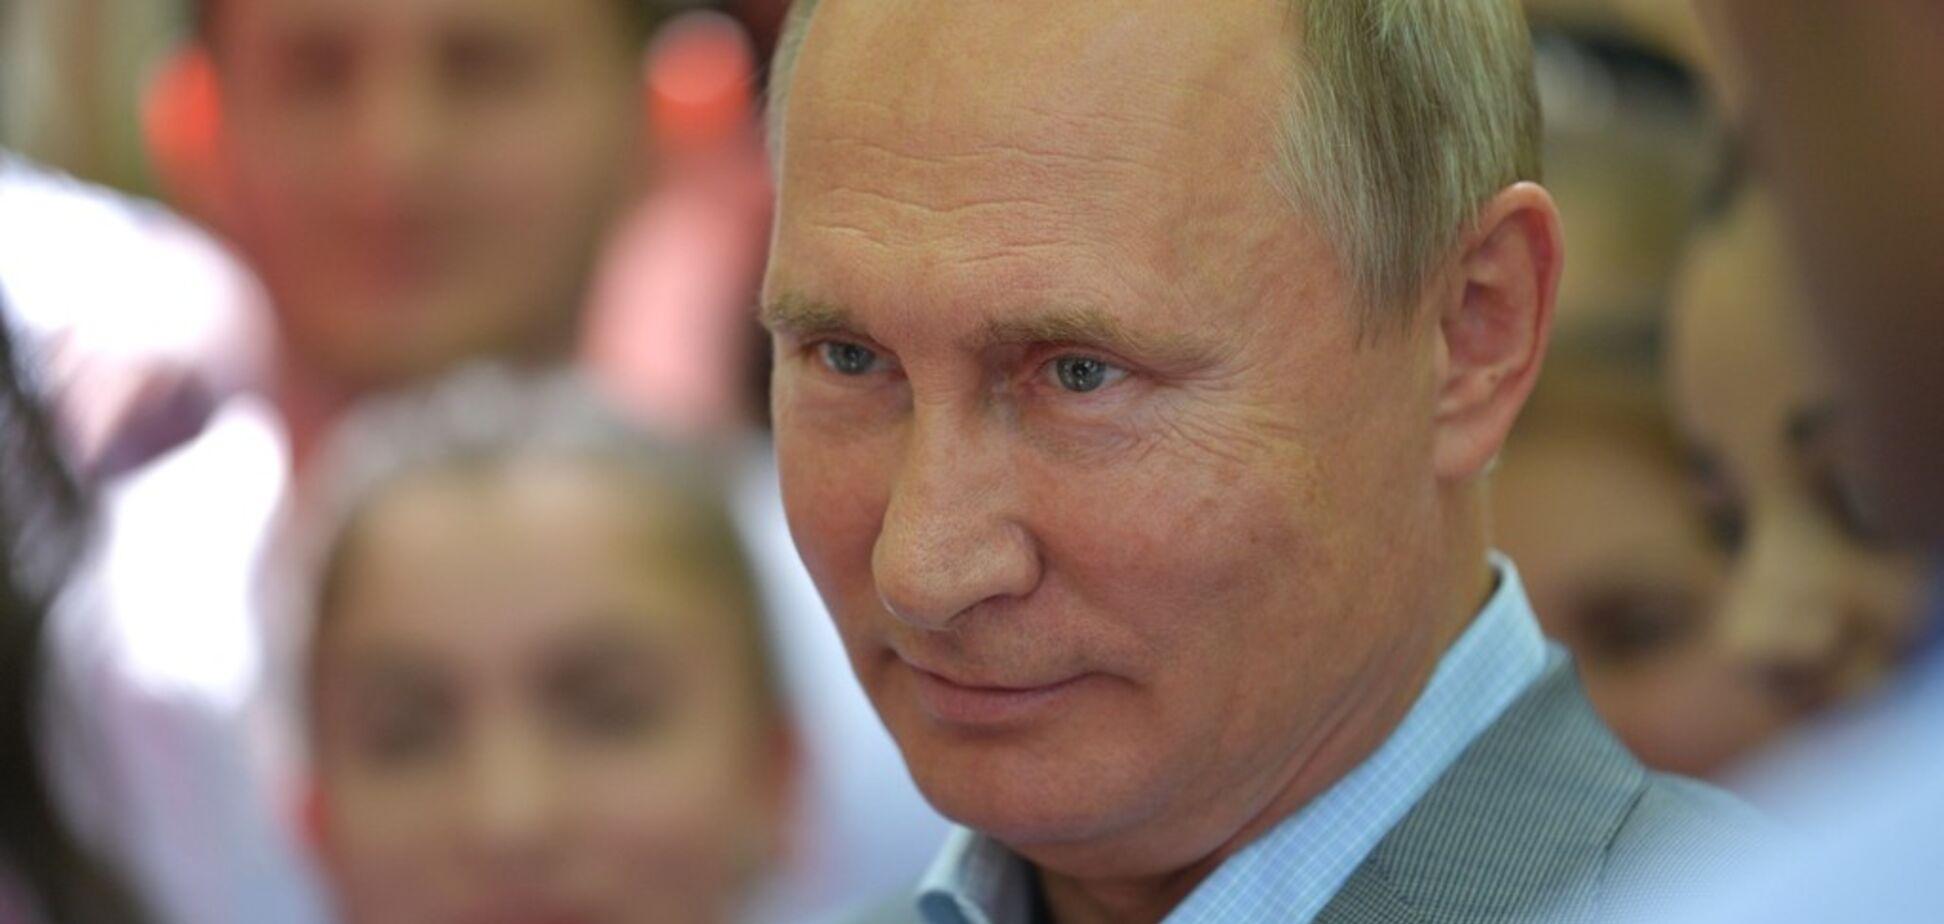 'Захопити Україну неможливо': озвучено новий план Путіна щодо Донбасу